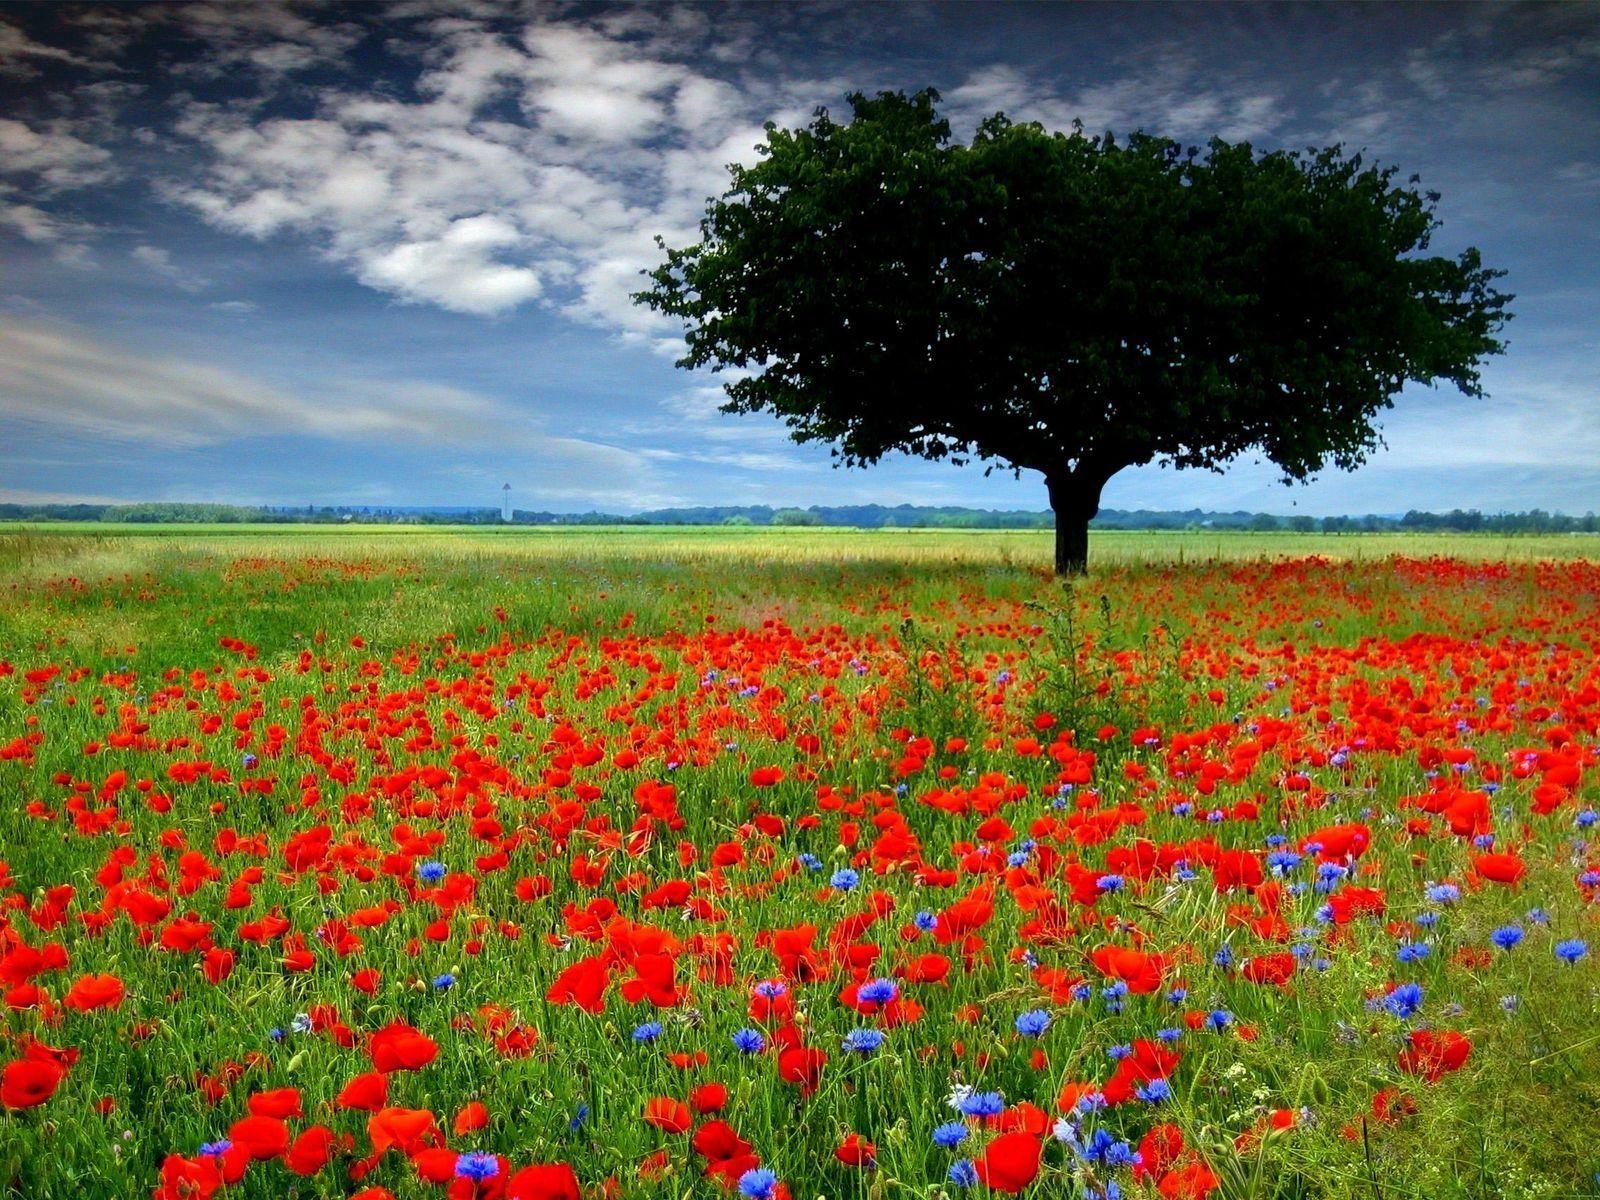 Download Poppy Poppy Flower Vast Field Beautiful Tree Red